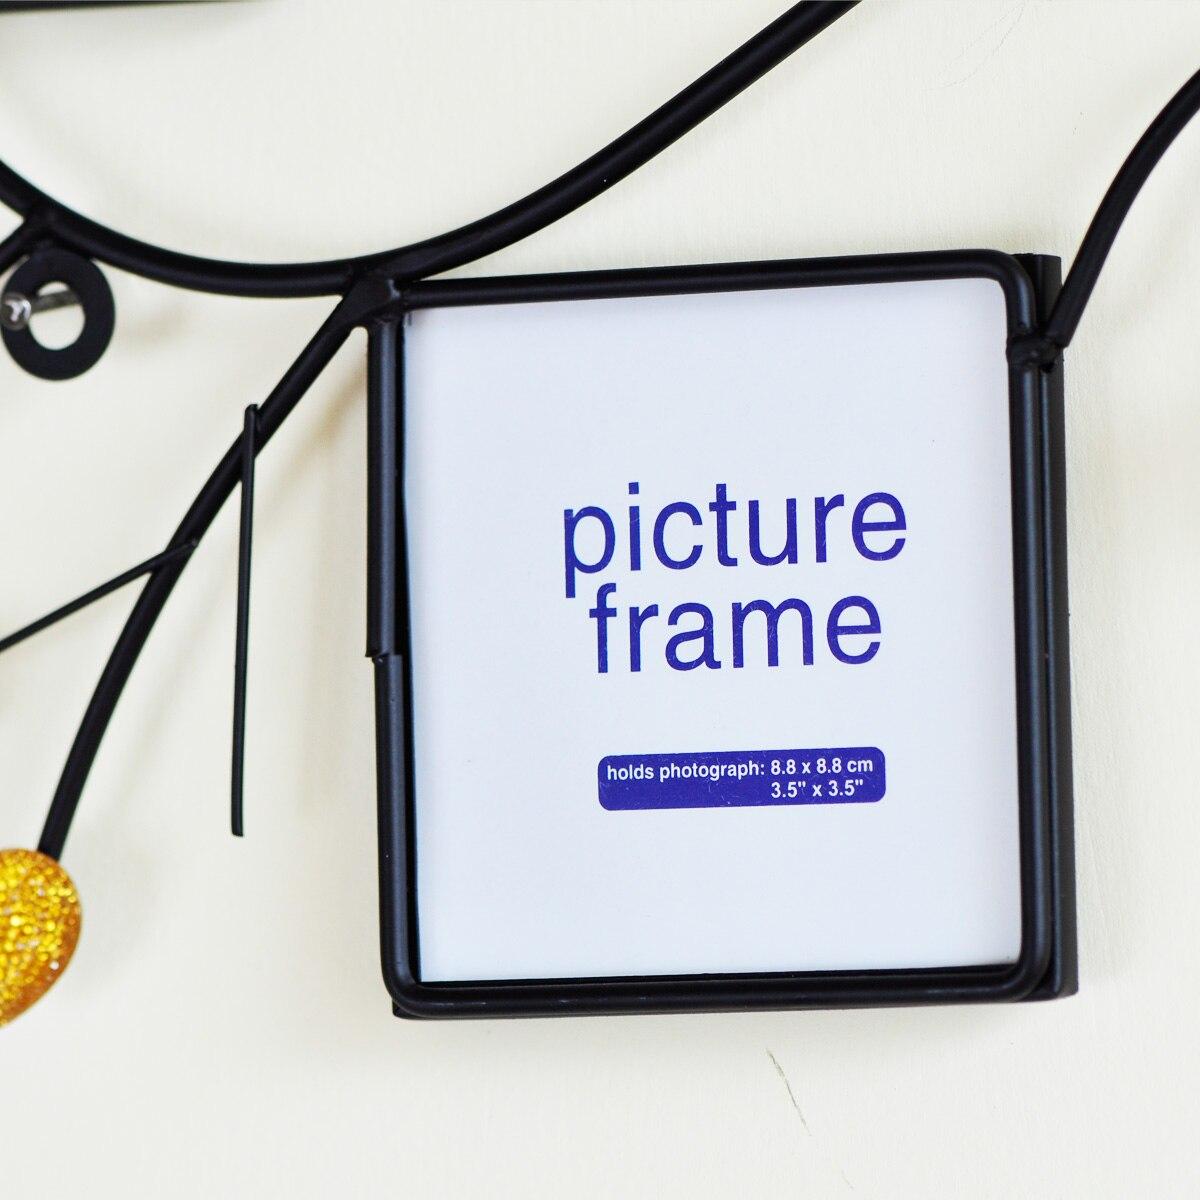 Dorf baum foto Europäischen moderne wohnzimmer wandbild kreative kombination fotorahmen - 3